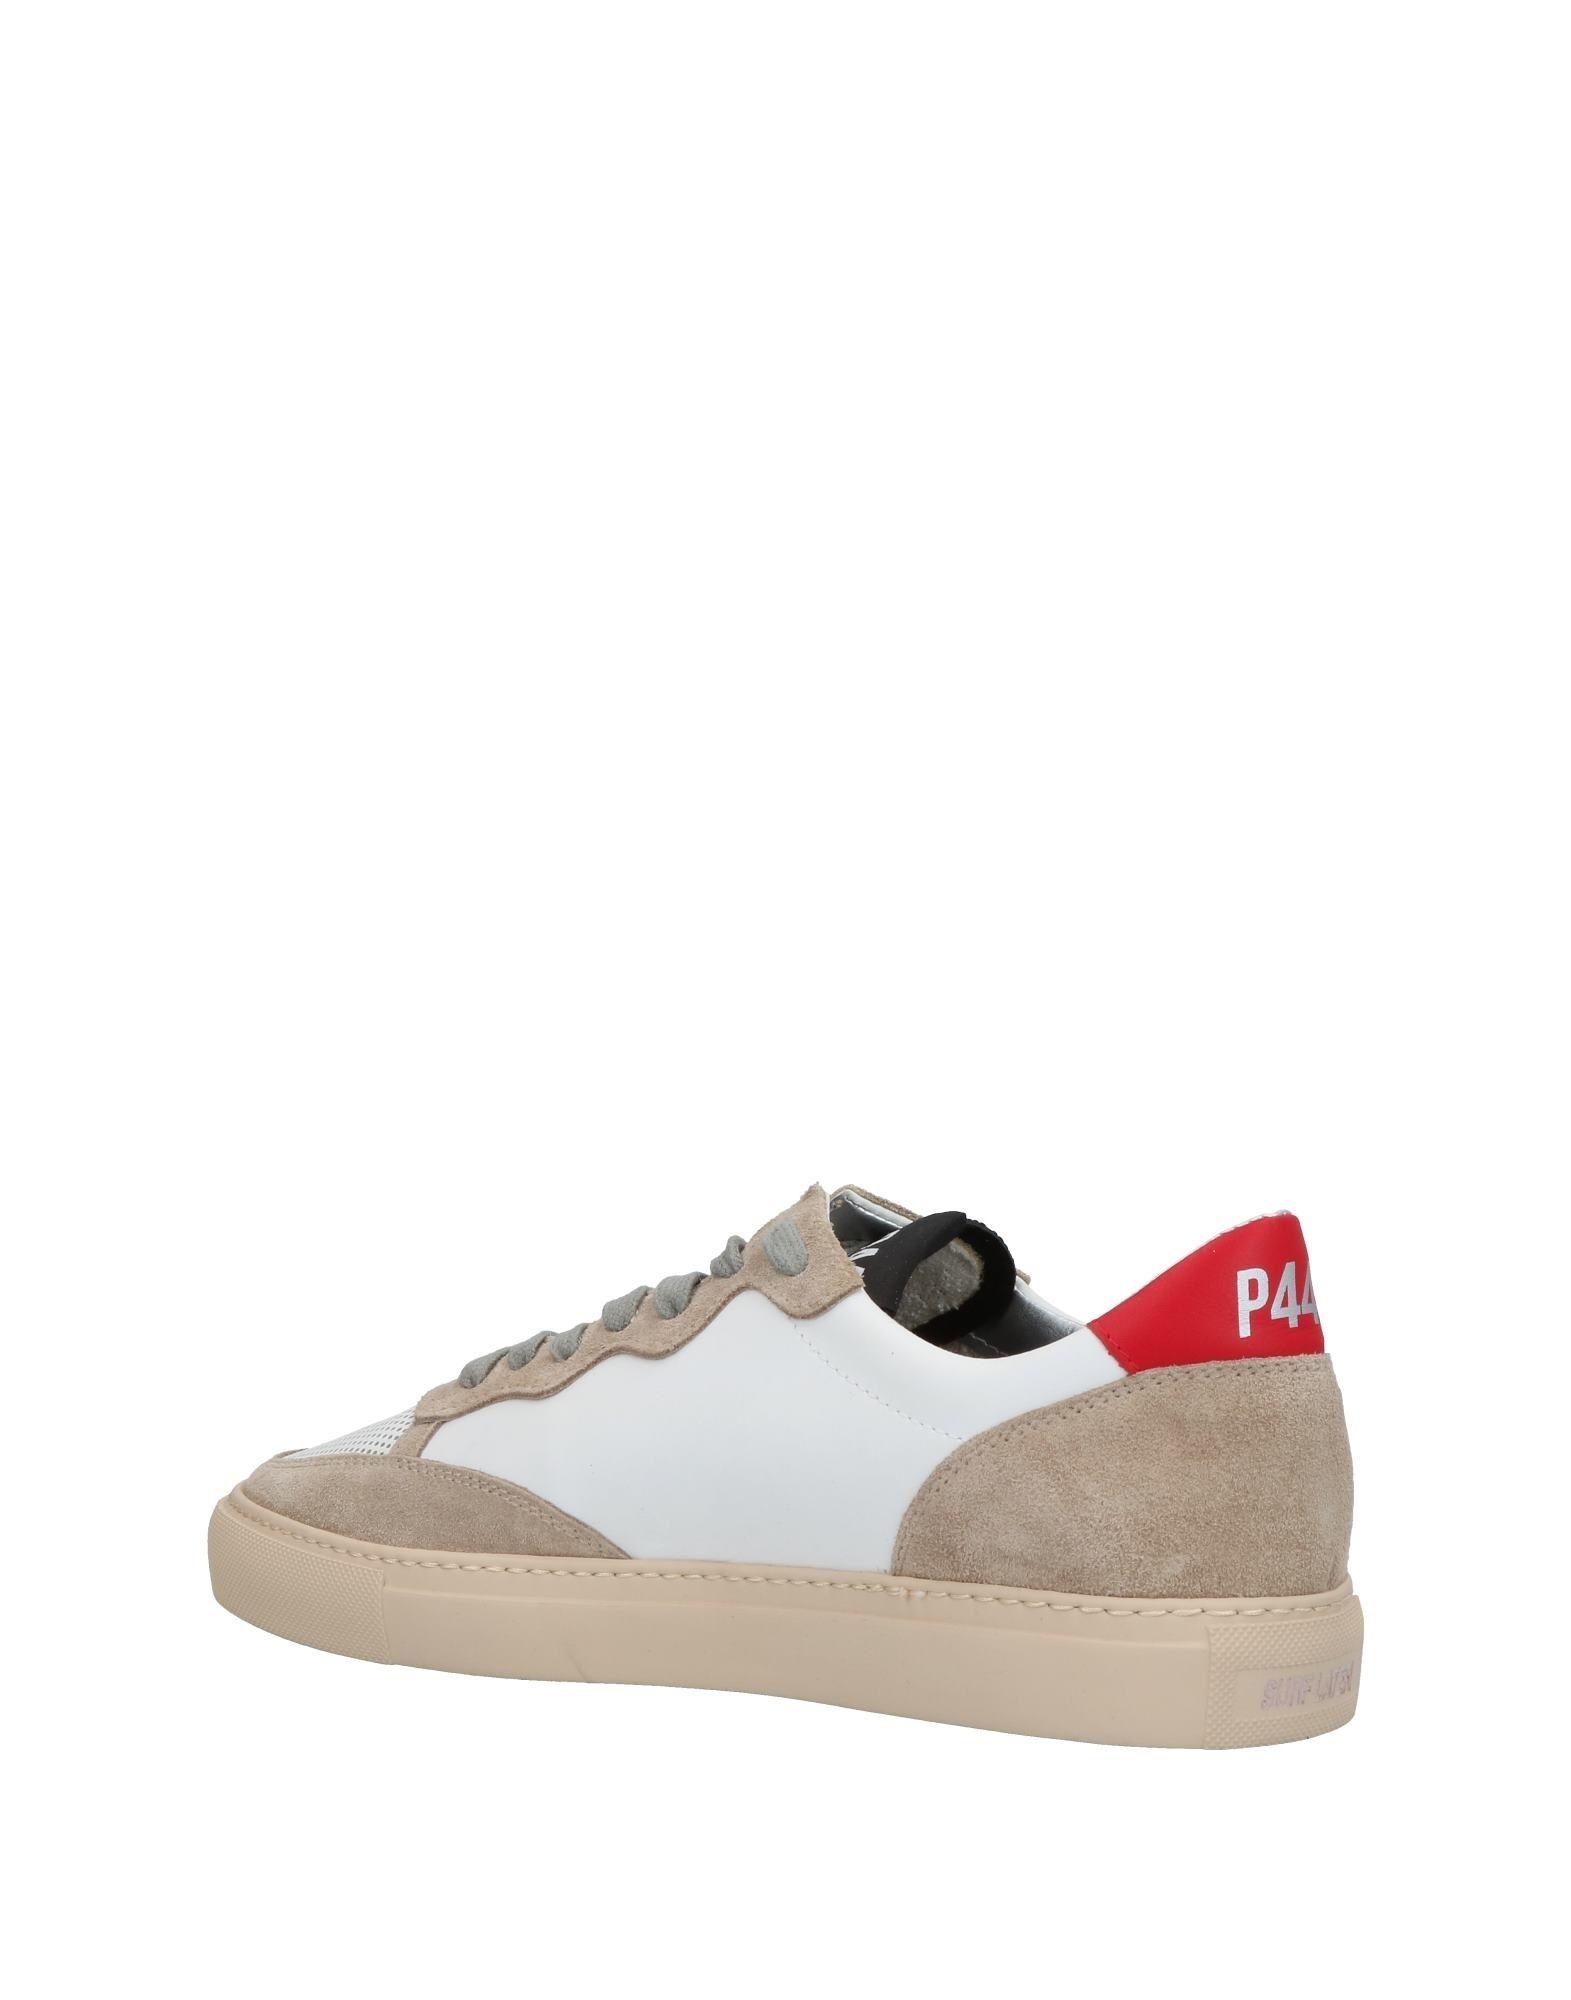 P448 Sneakers Herren   Herren 11373915UO 92e1aa